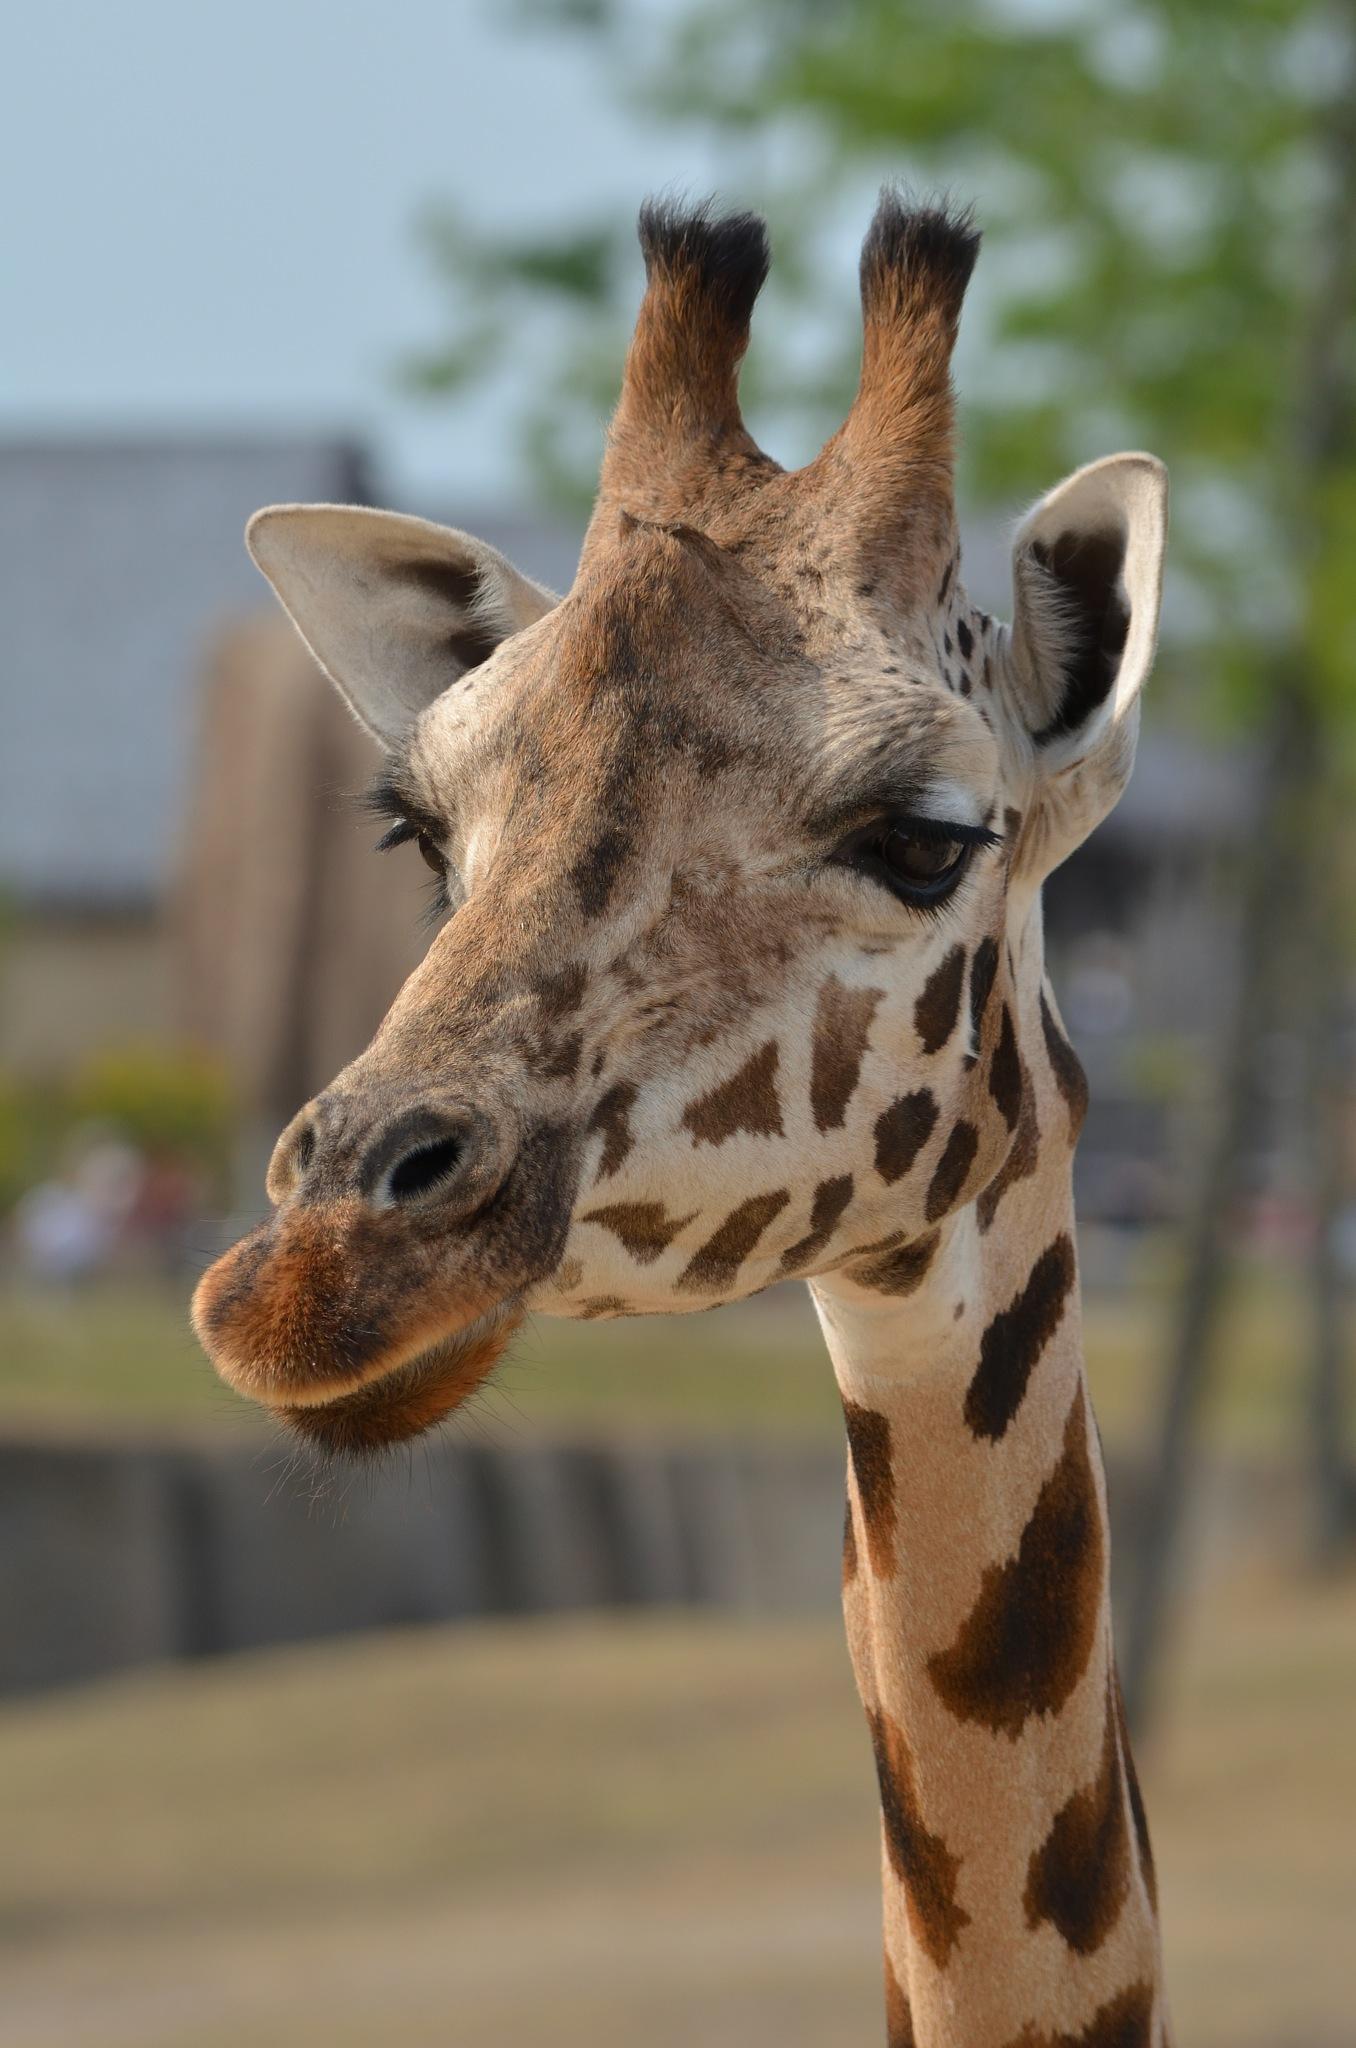 Giraffe  by Henk Meima